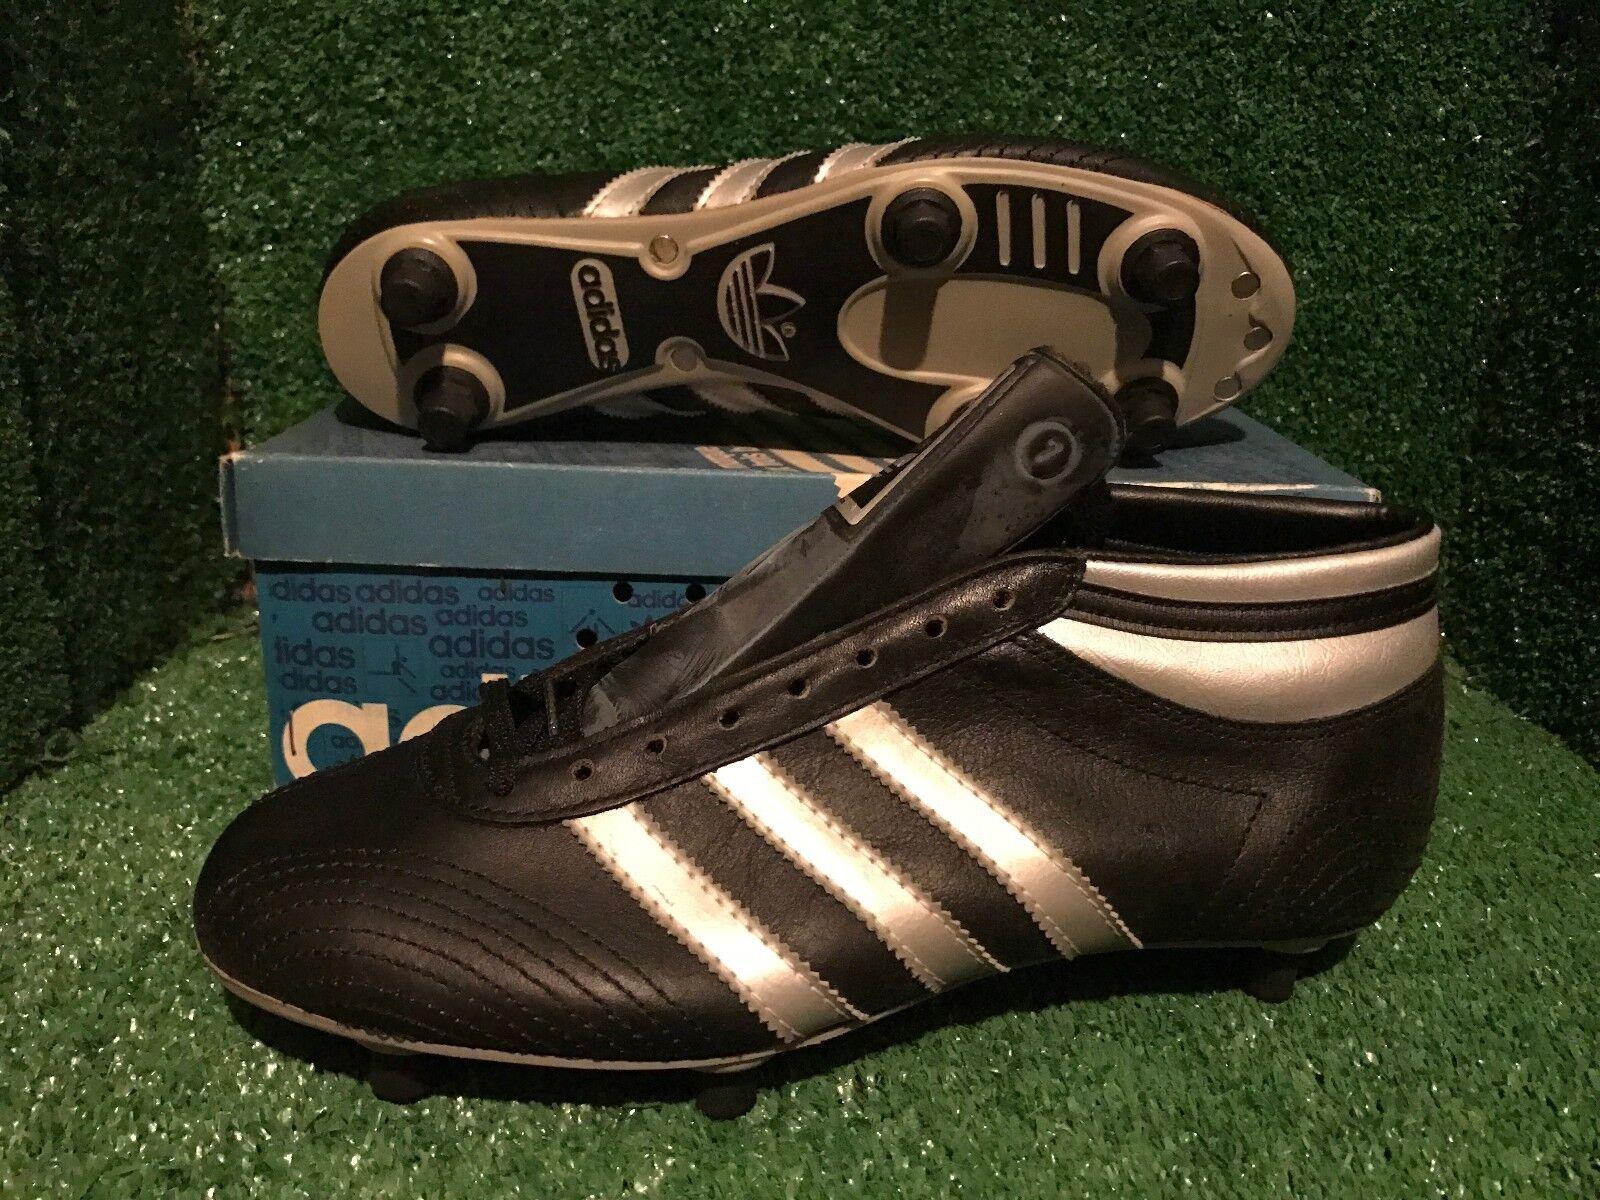 Nuevo Y En Caja Adidas botas Zapatos Botines de fútbol Barcelona Vintage Varios Tamaños DEADSTOCK